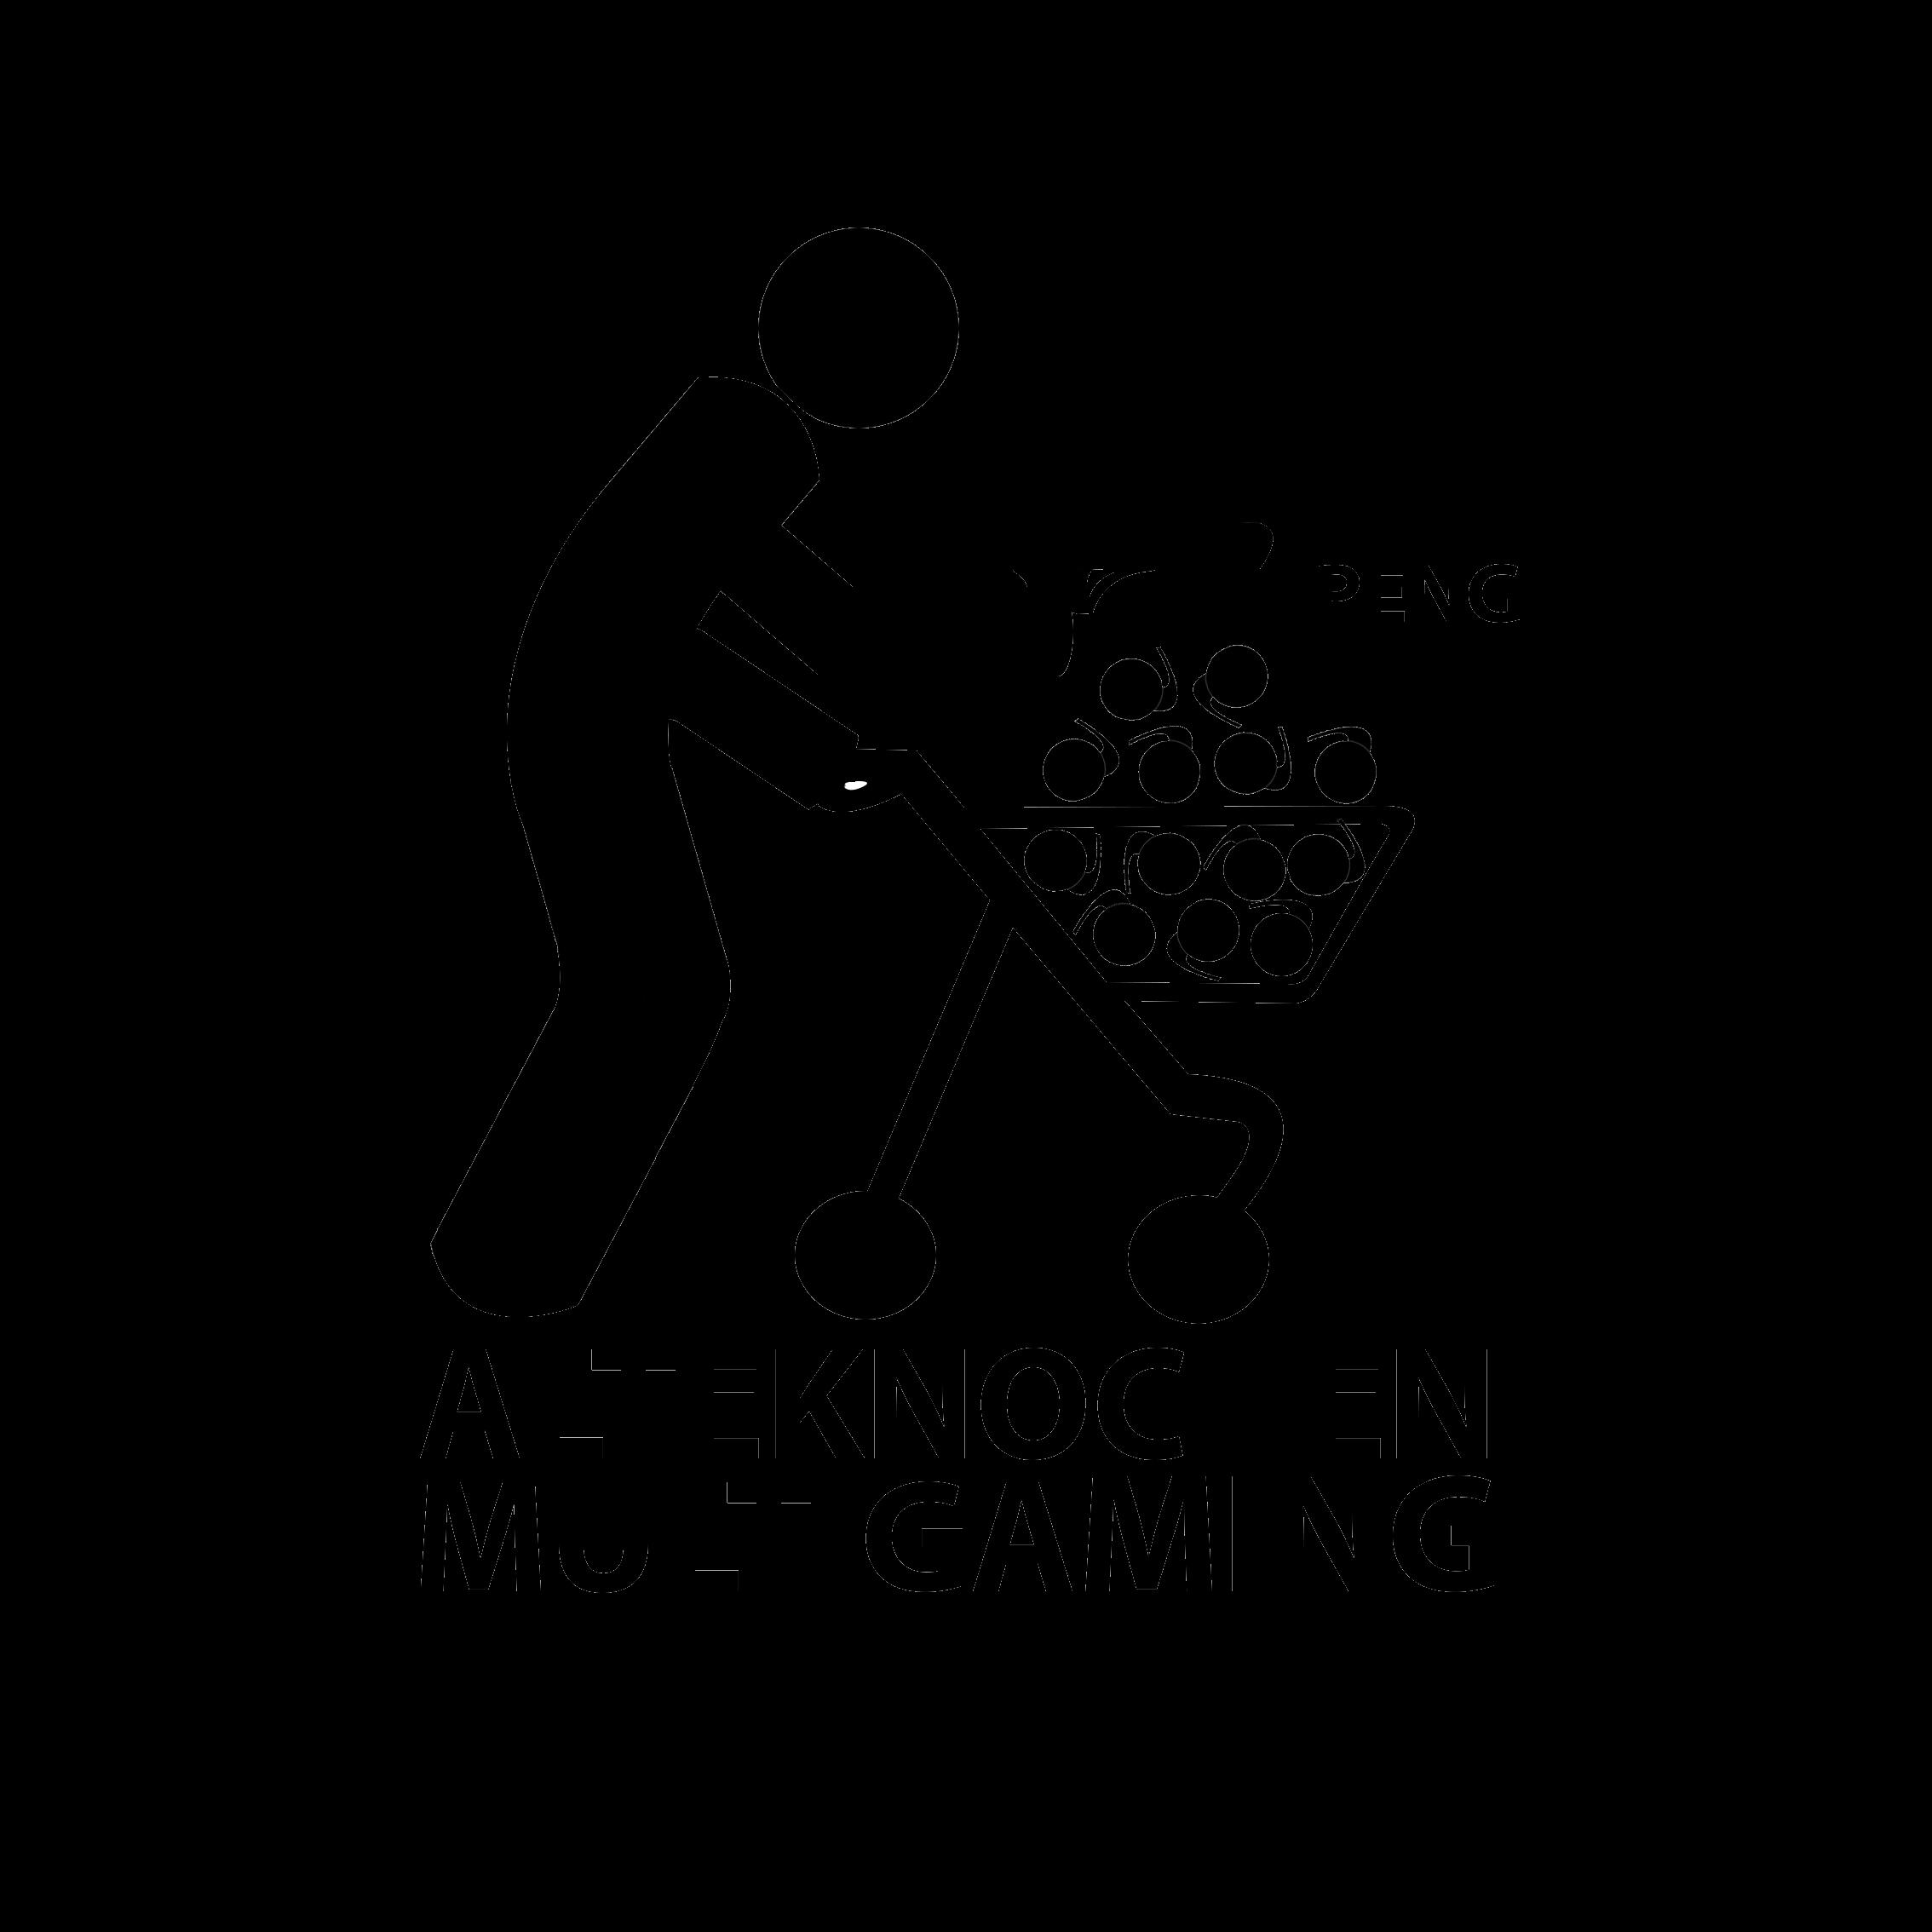 Avatarohne Hintergrund Alteknochen Multigaming